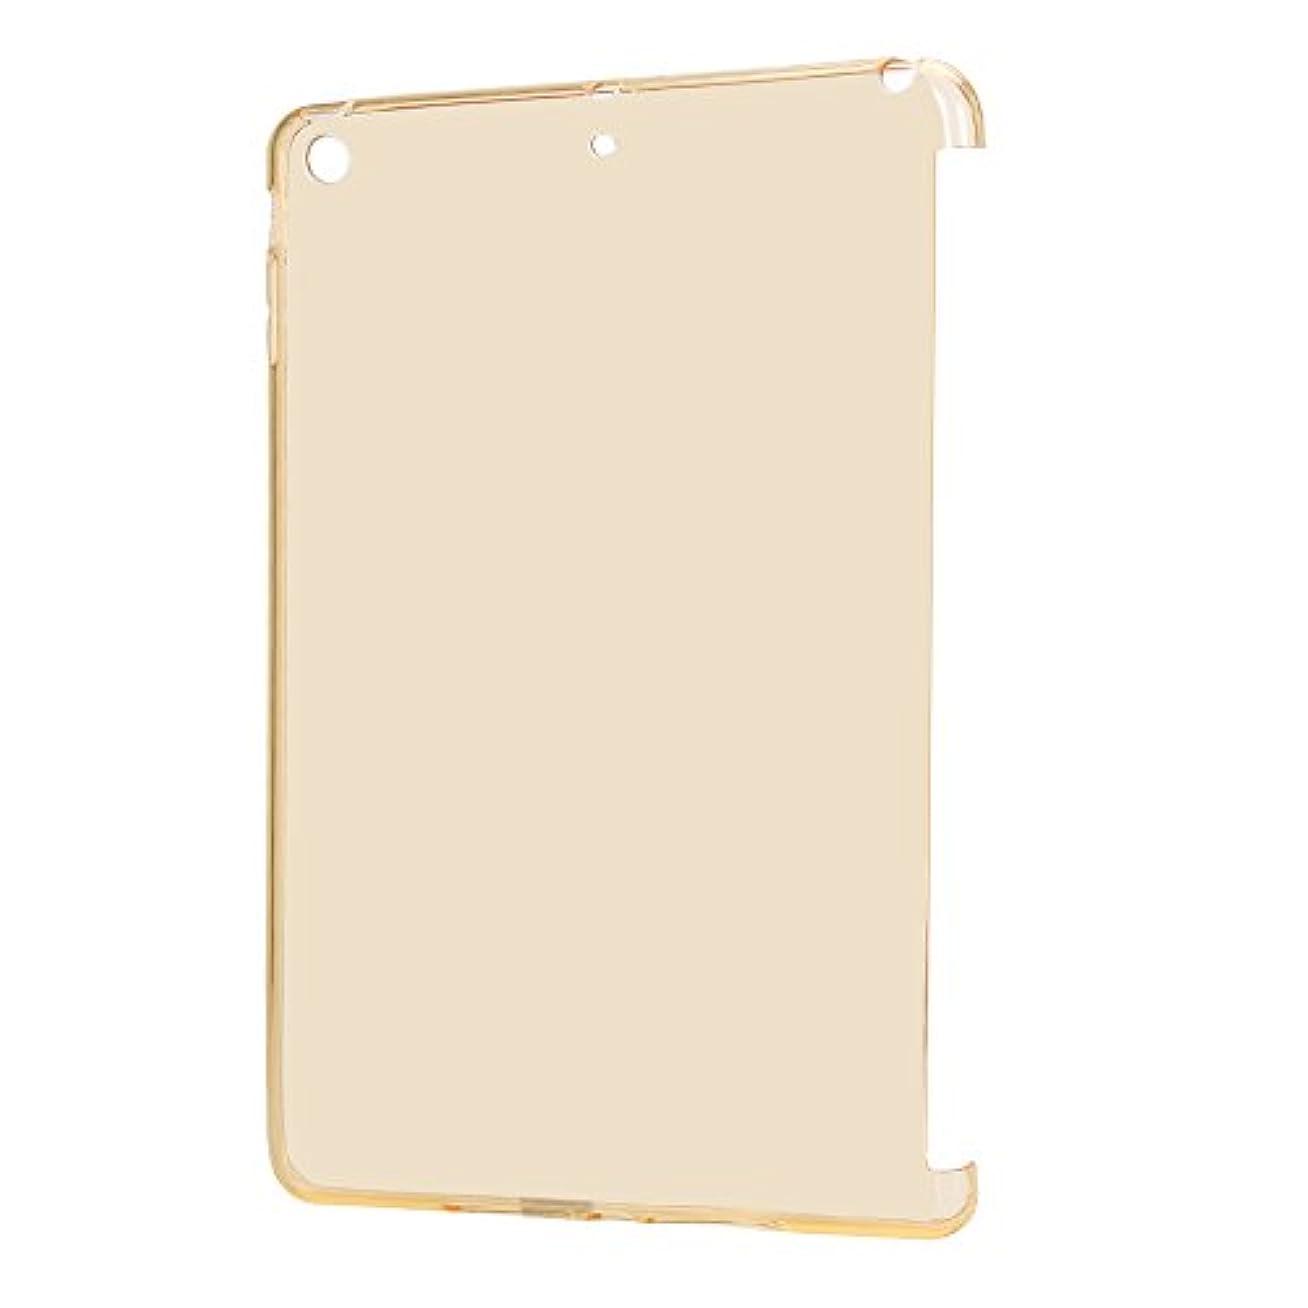 刑務所不道徳有効【PCATEC】 iPad mini 1/2/3 ソフトケース(TPU) スマートカバー対応 クリア 軽量 傷つけ防止 耐摩擦 落下防止 TPU カバー (ゴールド)